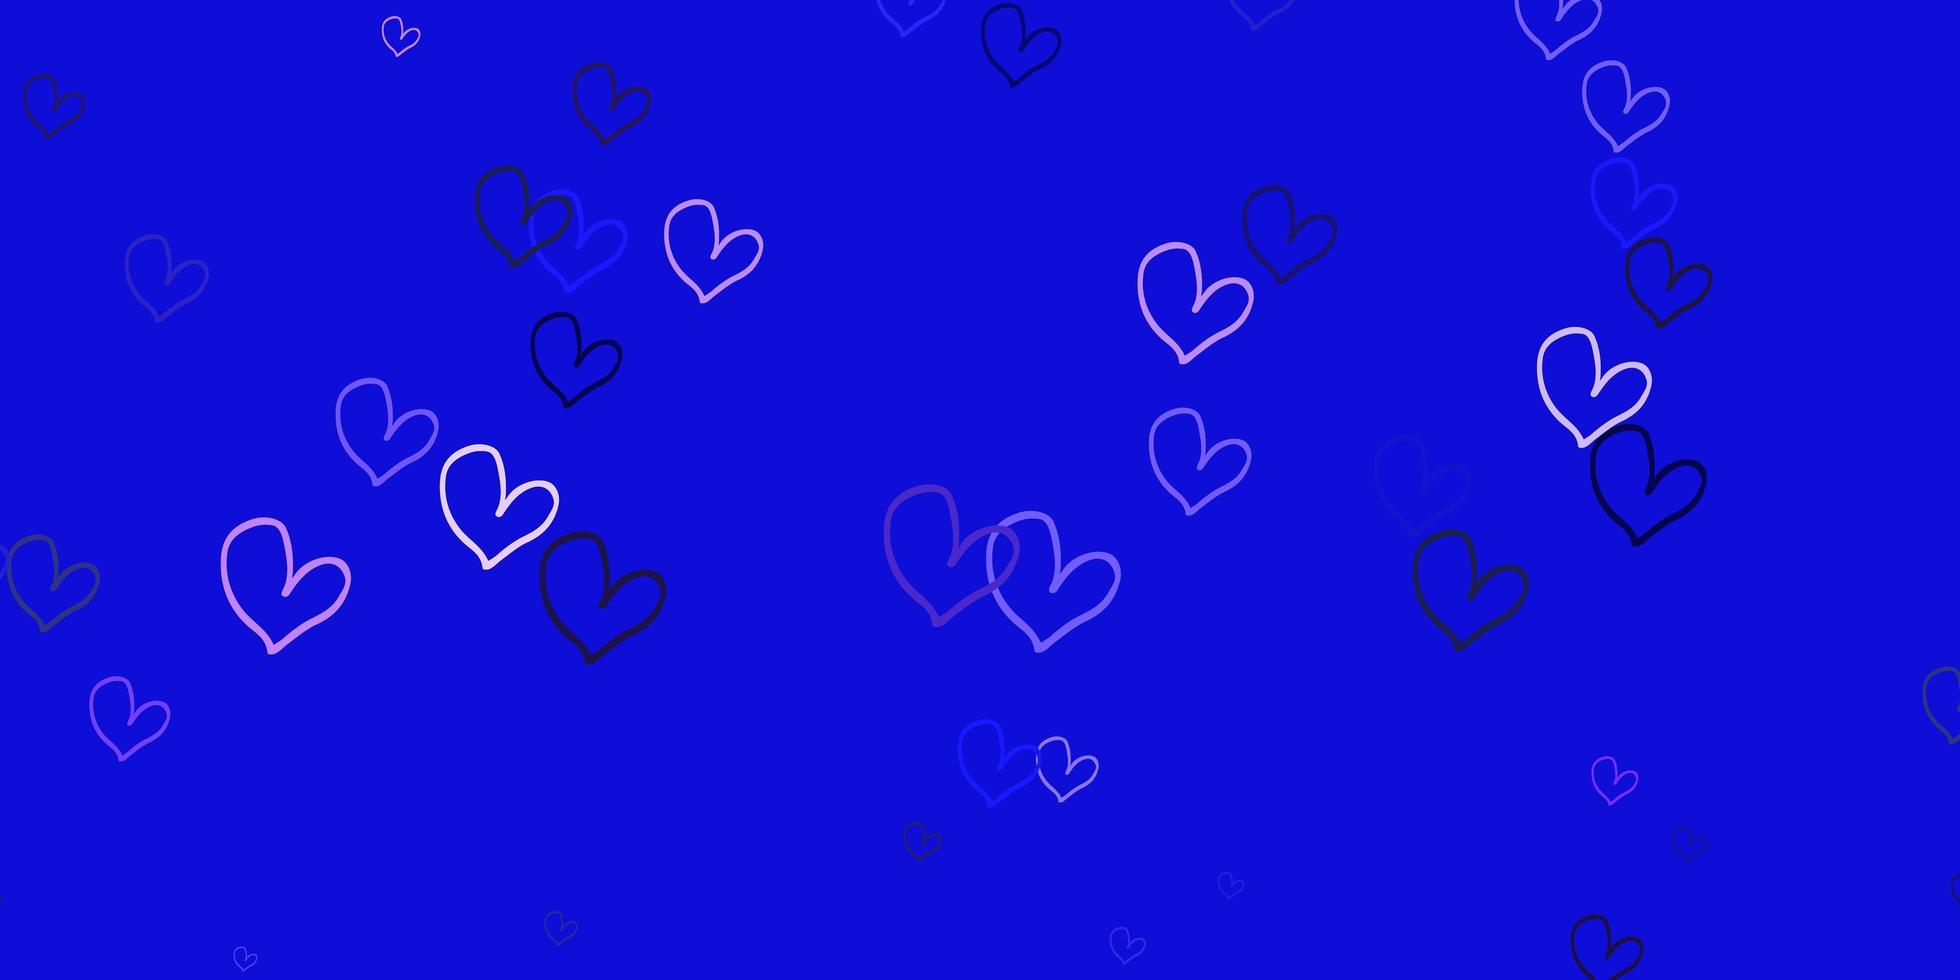 ljuslila vektor mönster med färgglada hjärtan.